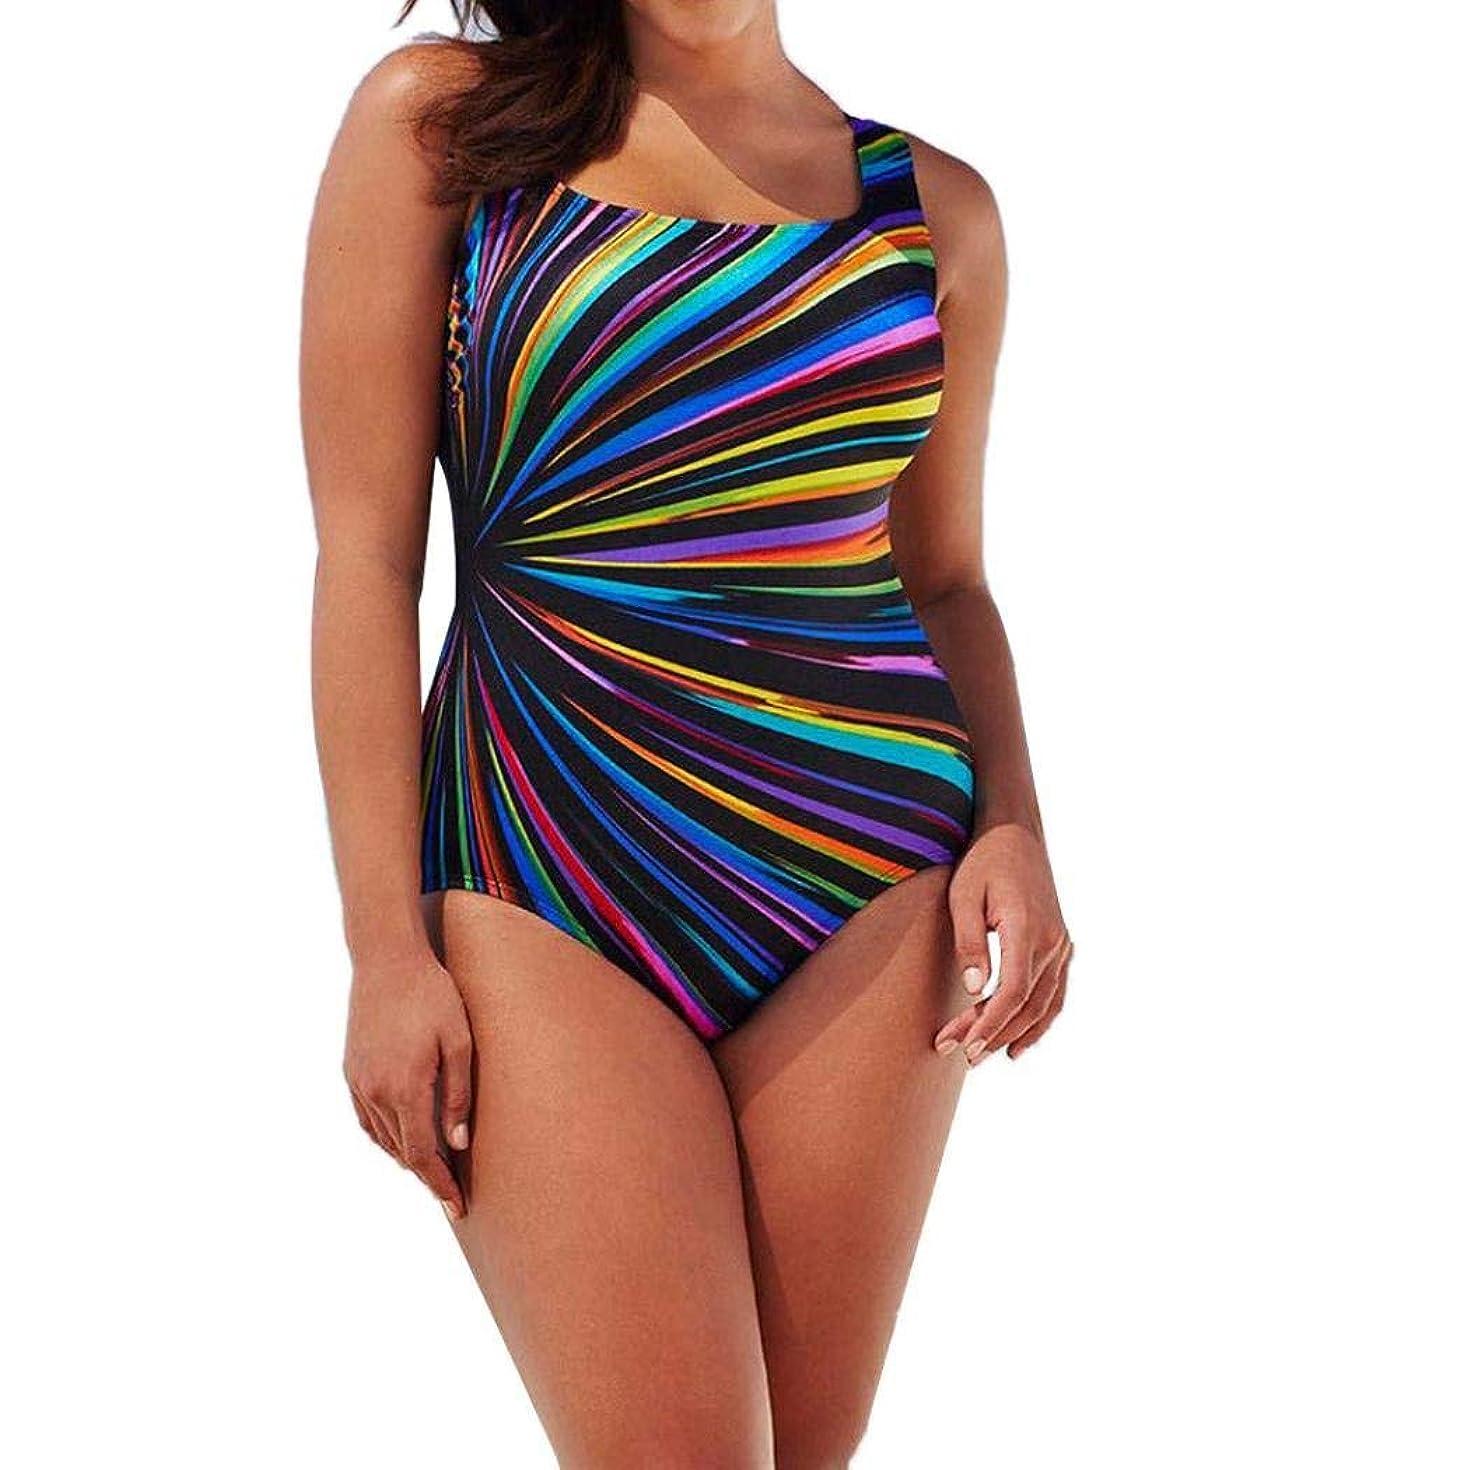 Forthery One Piece Swimsuit, Women's Vintage Bikini Swimwear Padded Monokinis Plus Size (Blue, XXXL)